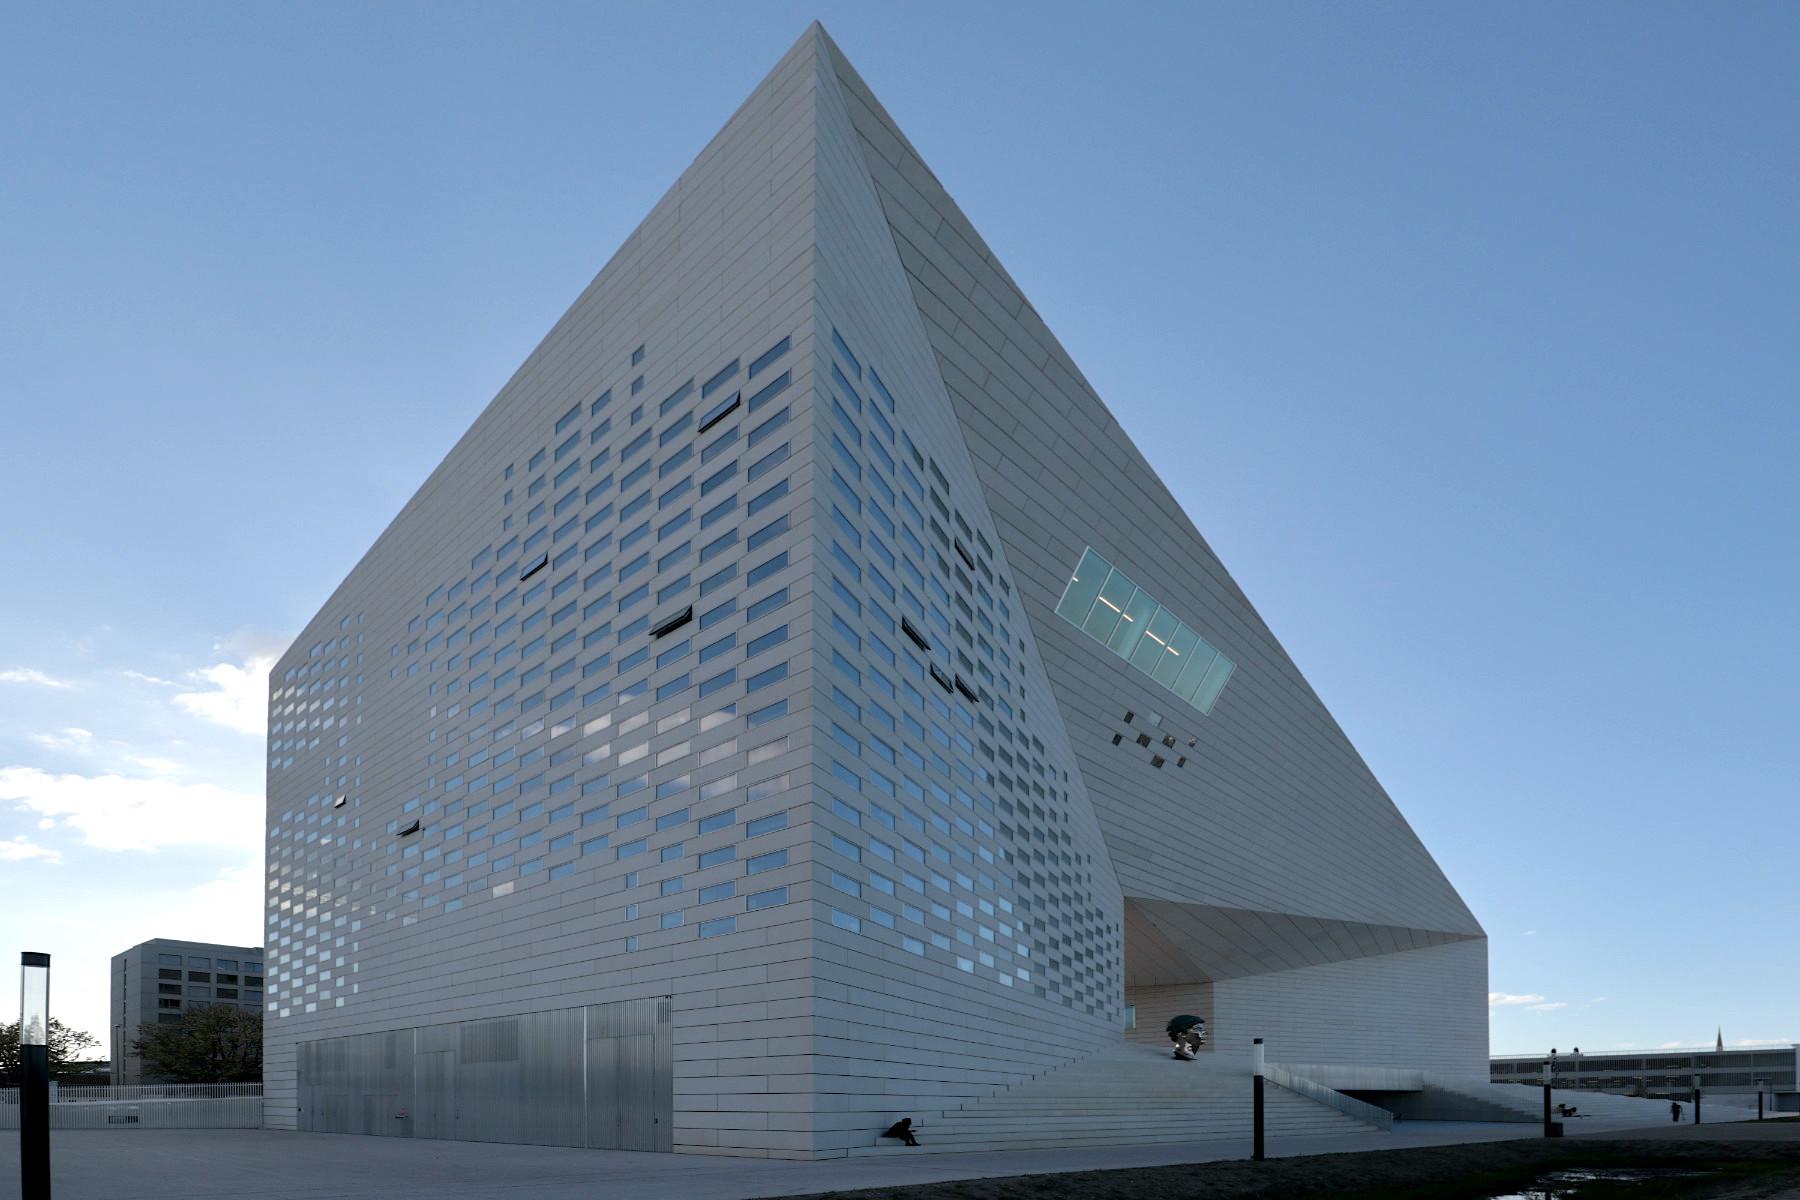 La Méca. Die Architekten ließen sie sandgestrahlen, um eine Oberflächenbeschaffenheit zu erzielen, die mit dem in Bordeaux traditionell verwendeten Sandstein harmonisiert.